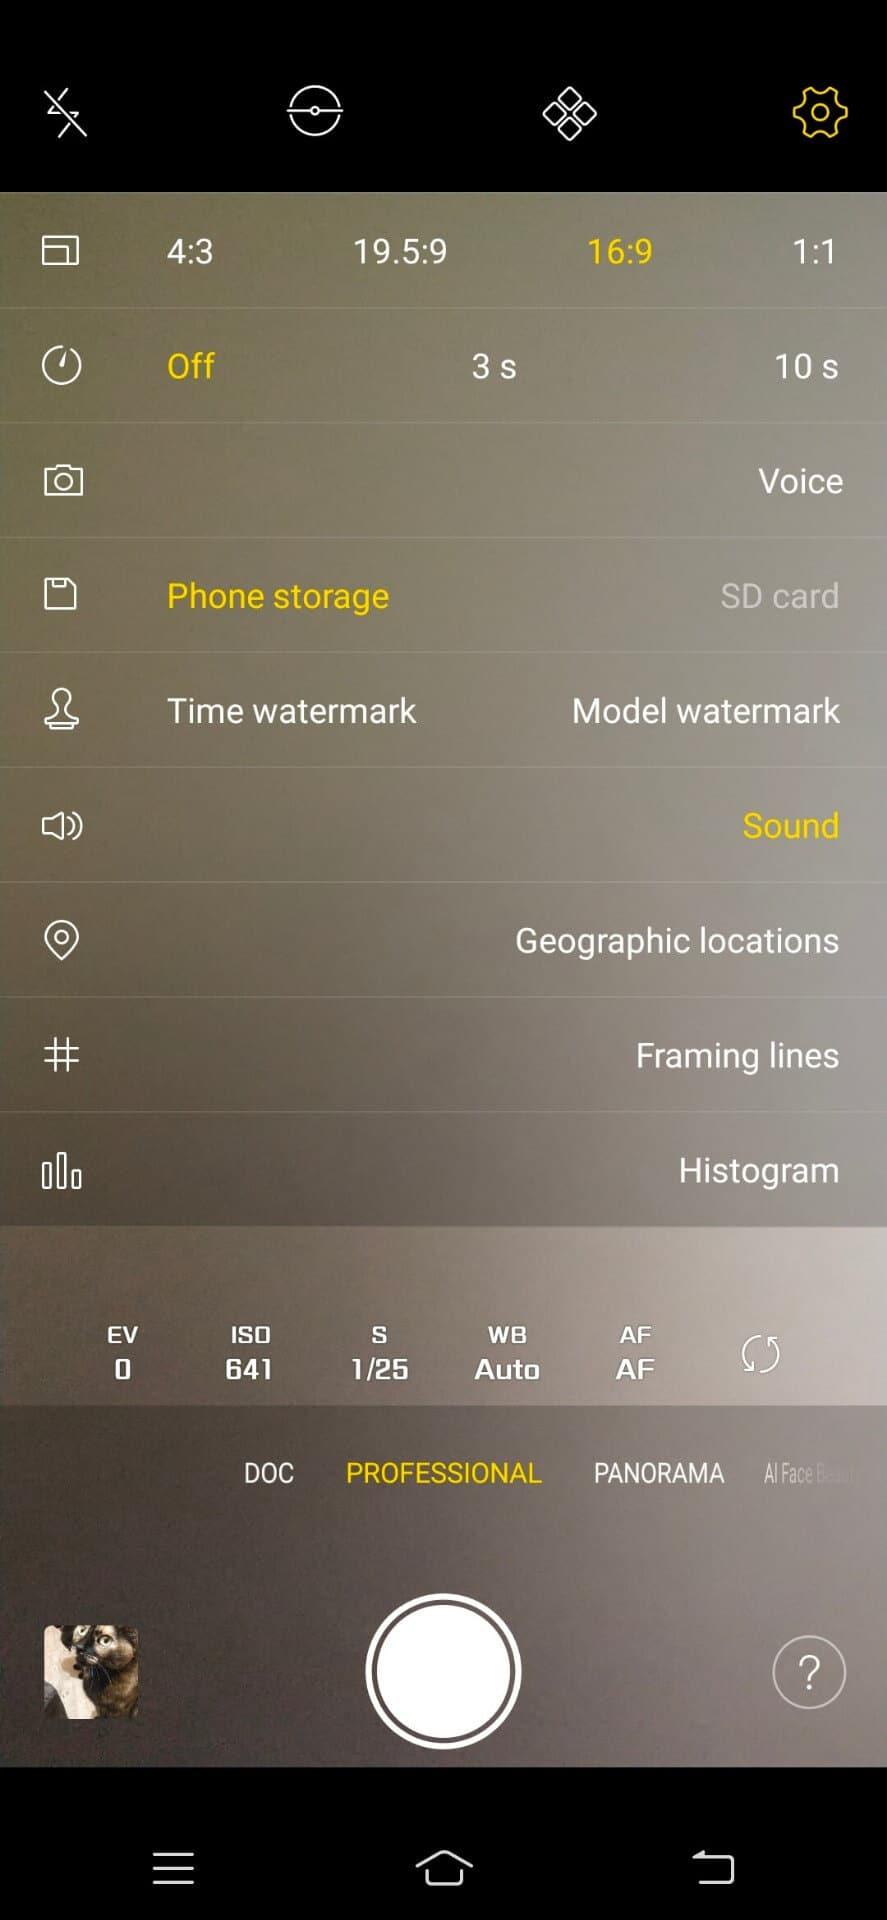 Vivo V11 Review Scrnsht Cam Software 04